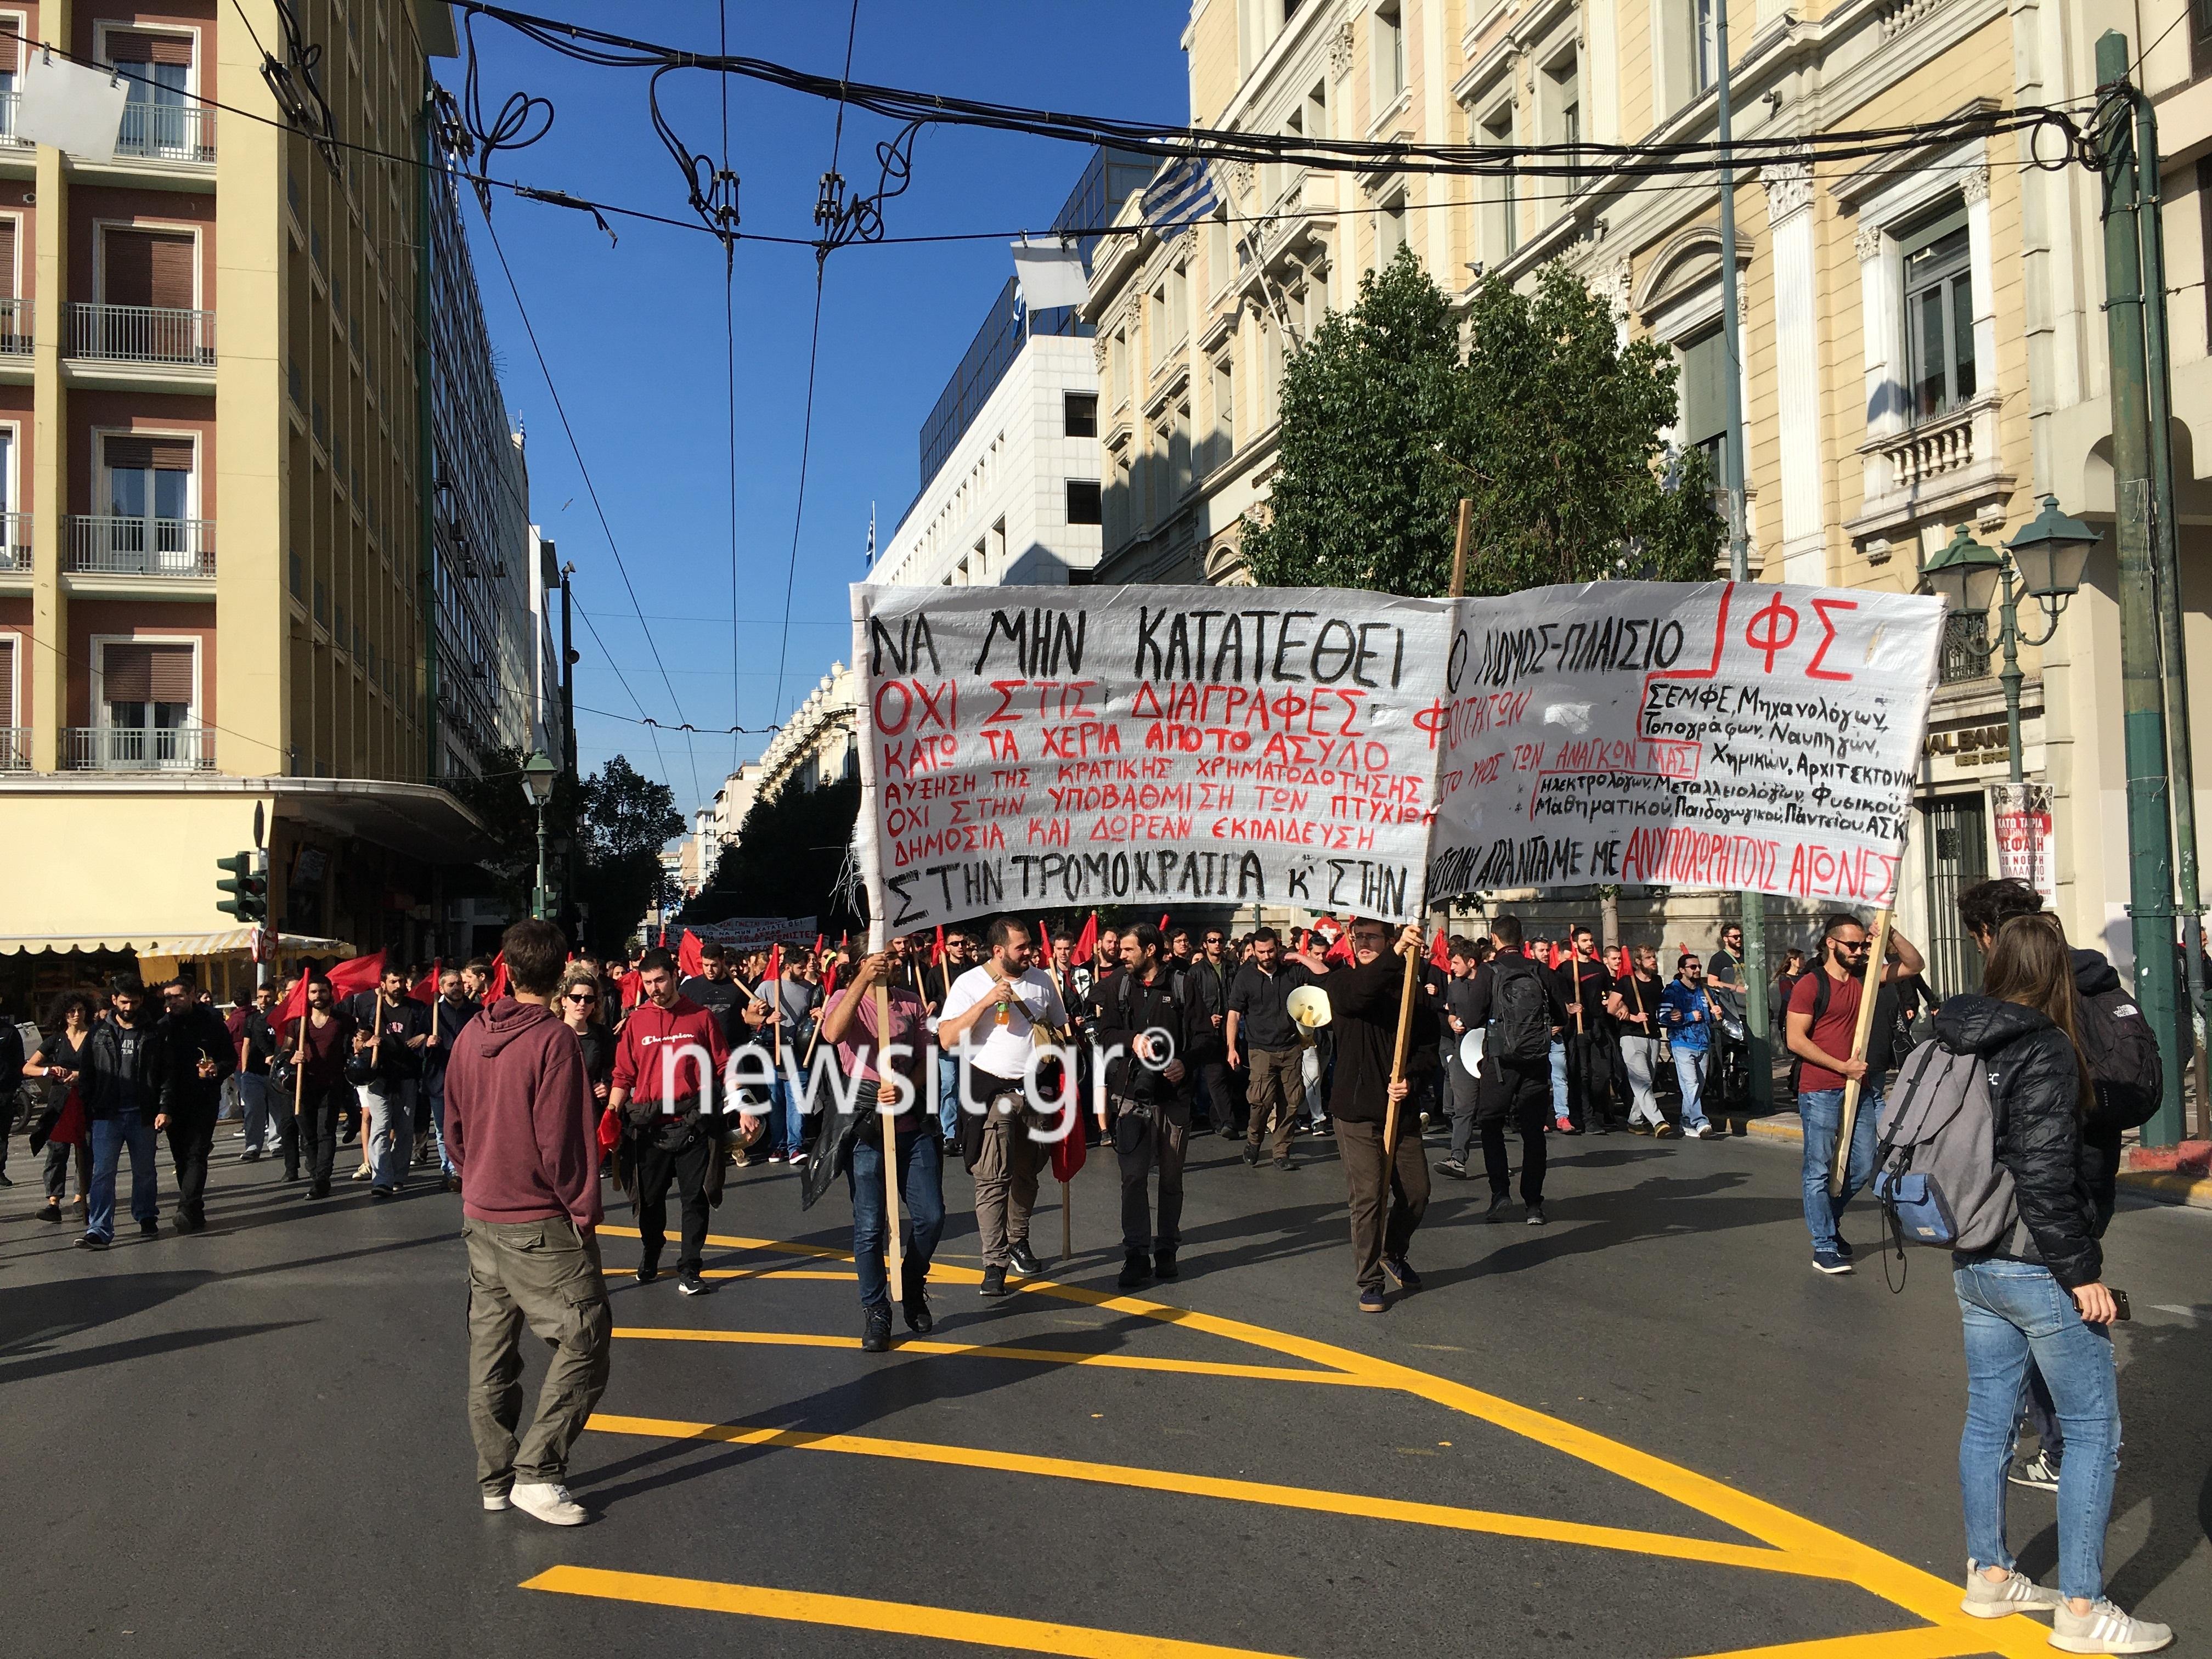 Ξανά στους δρόμους οι φοιτητές! Πορεία στο κέντρο της Αθήνας [pics]